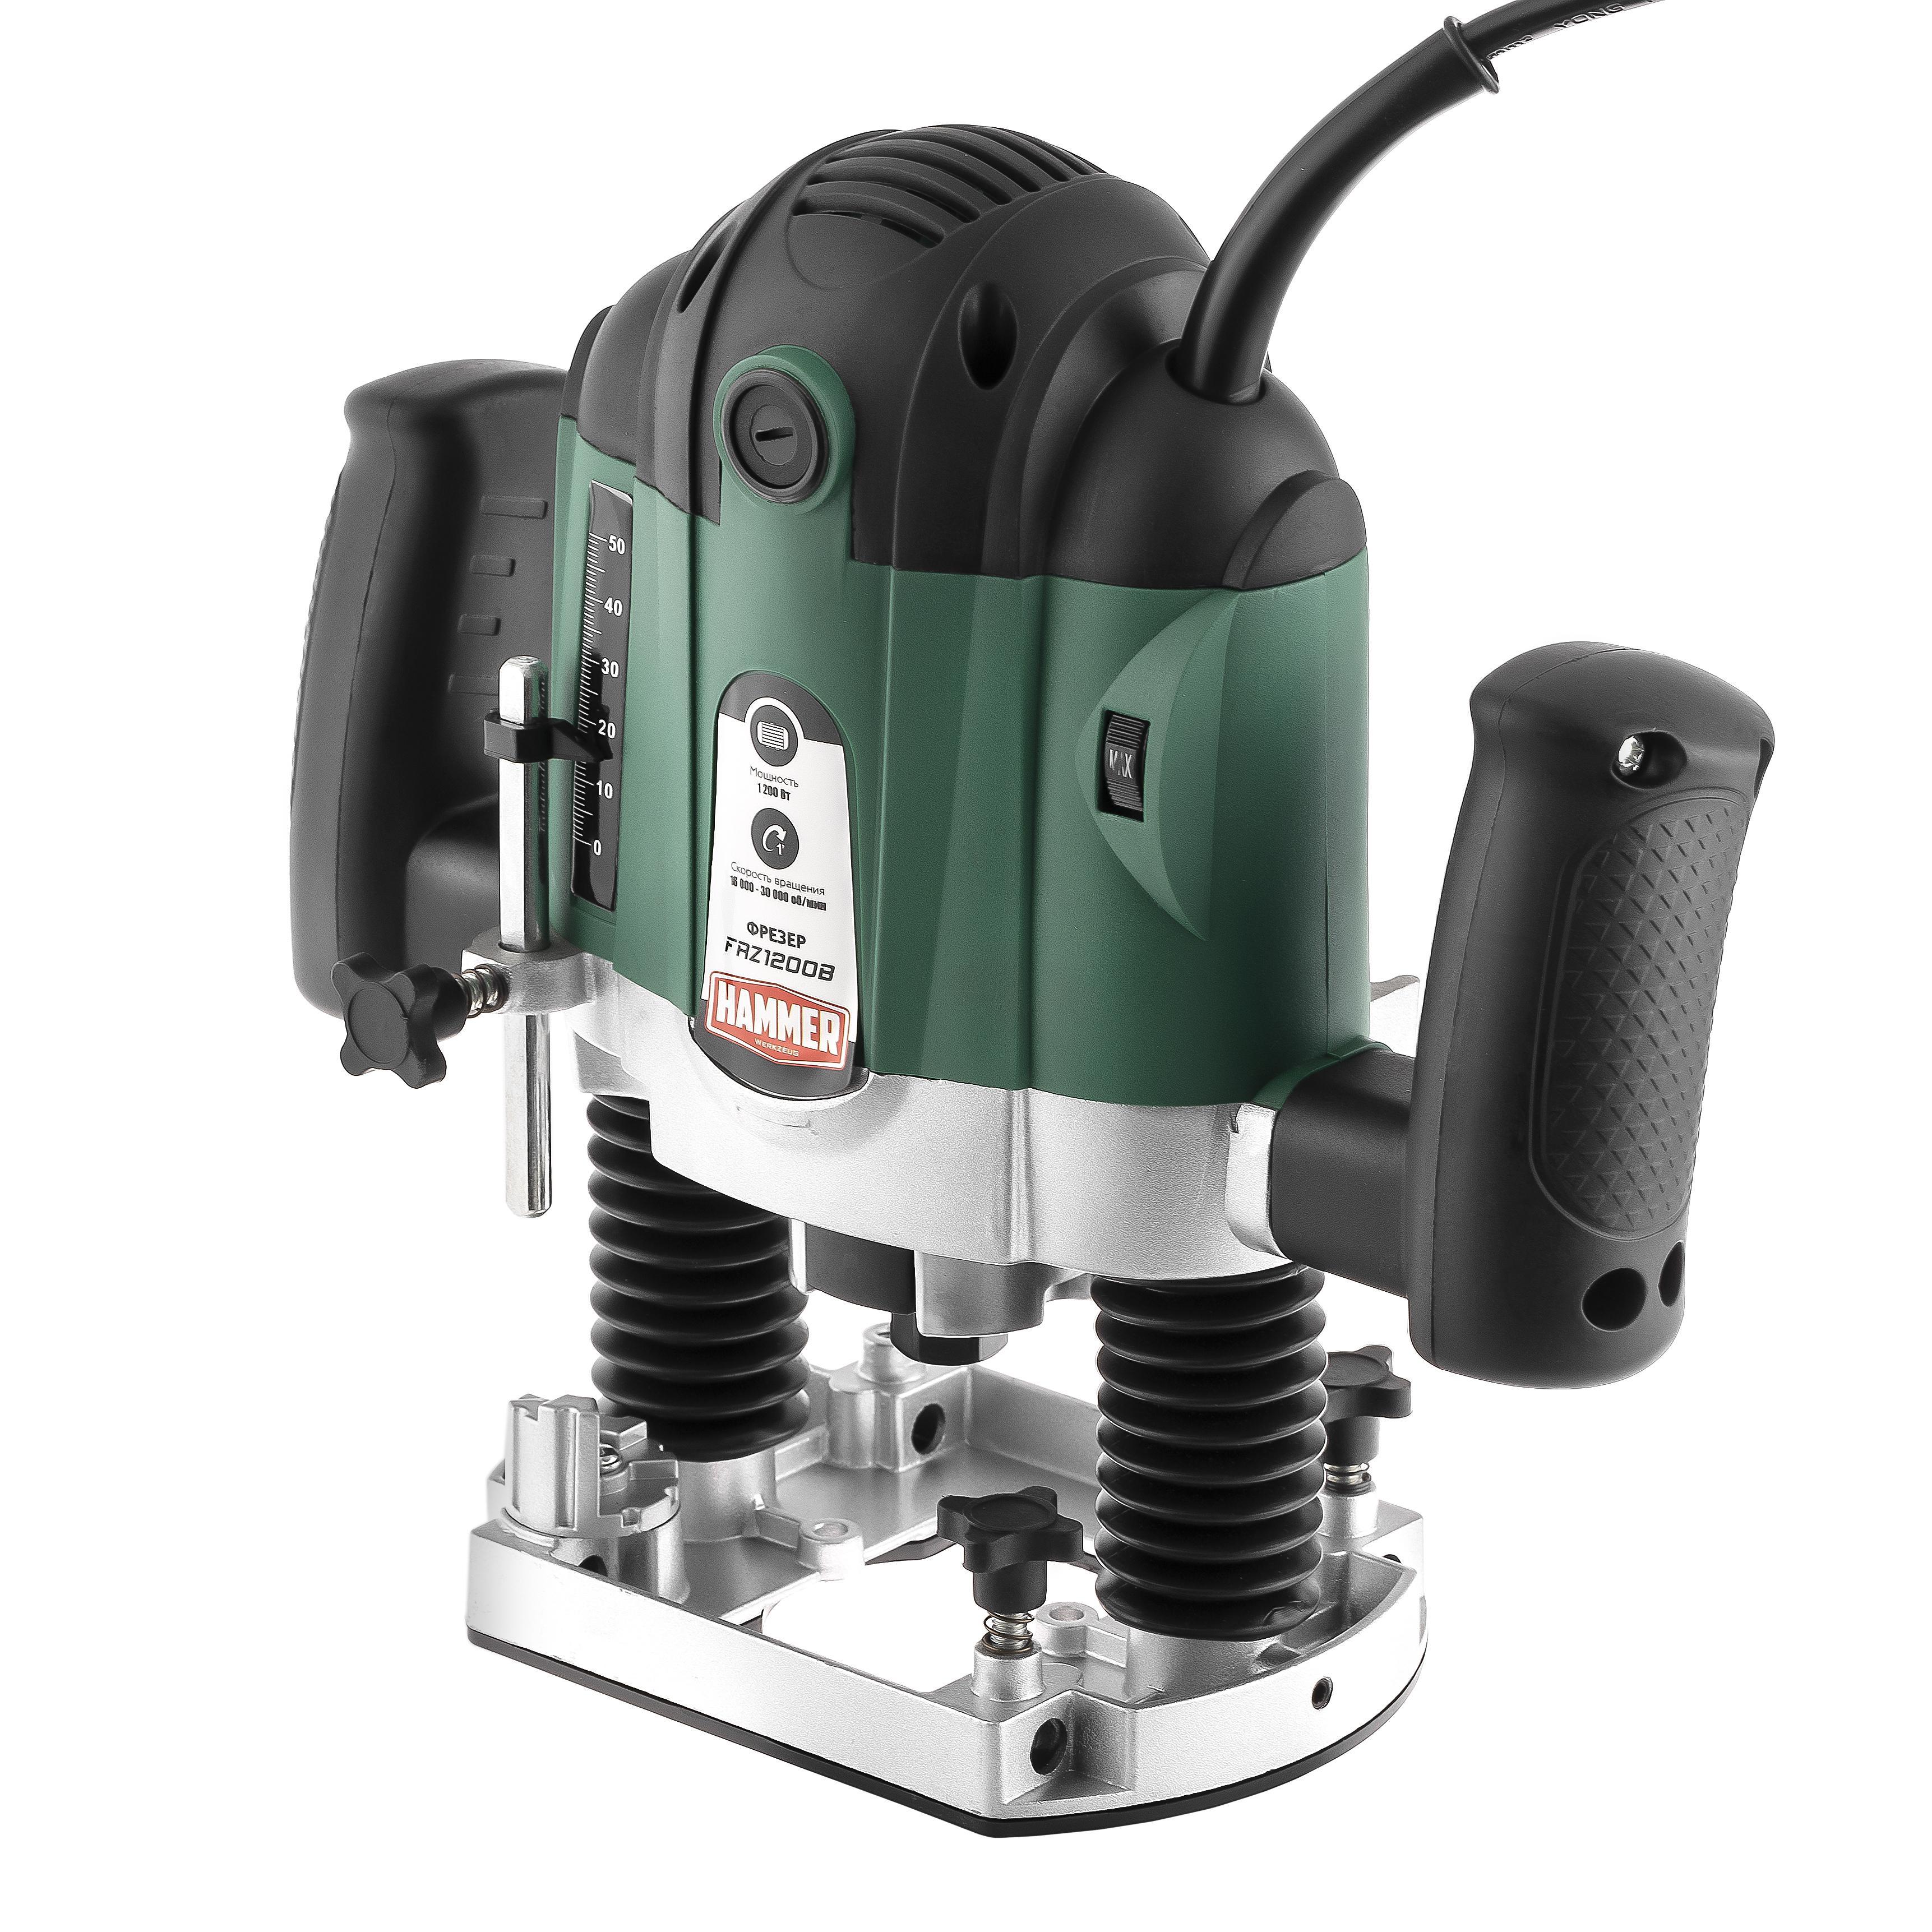 Фрезер Hammer Frz1200b фрезер hammer frz1200b